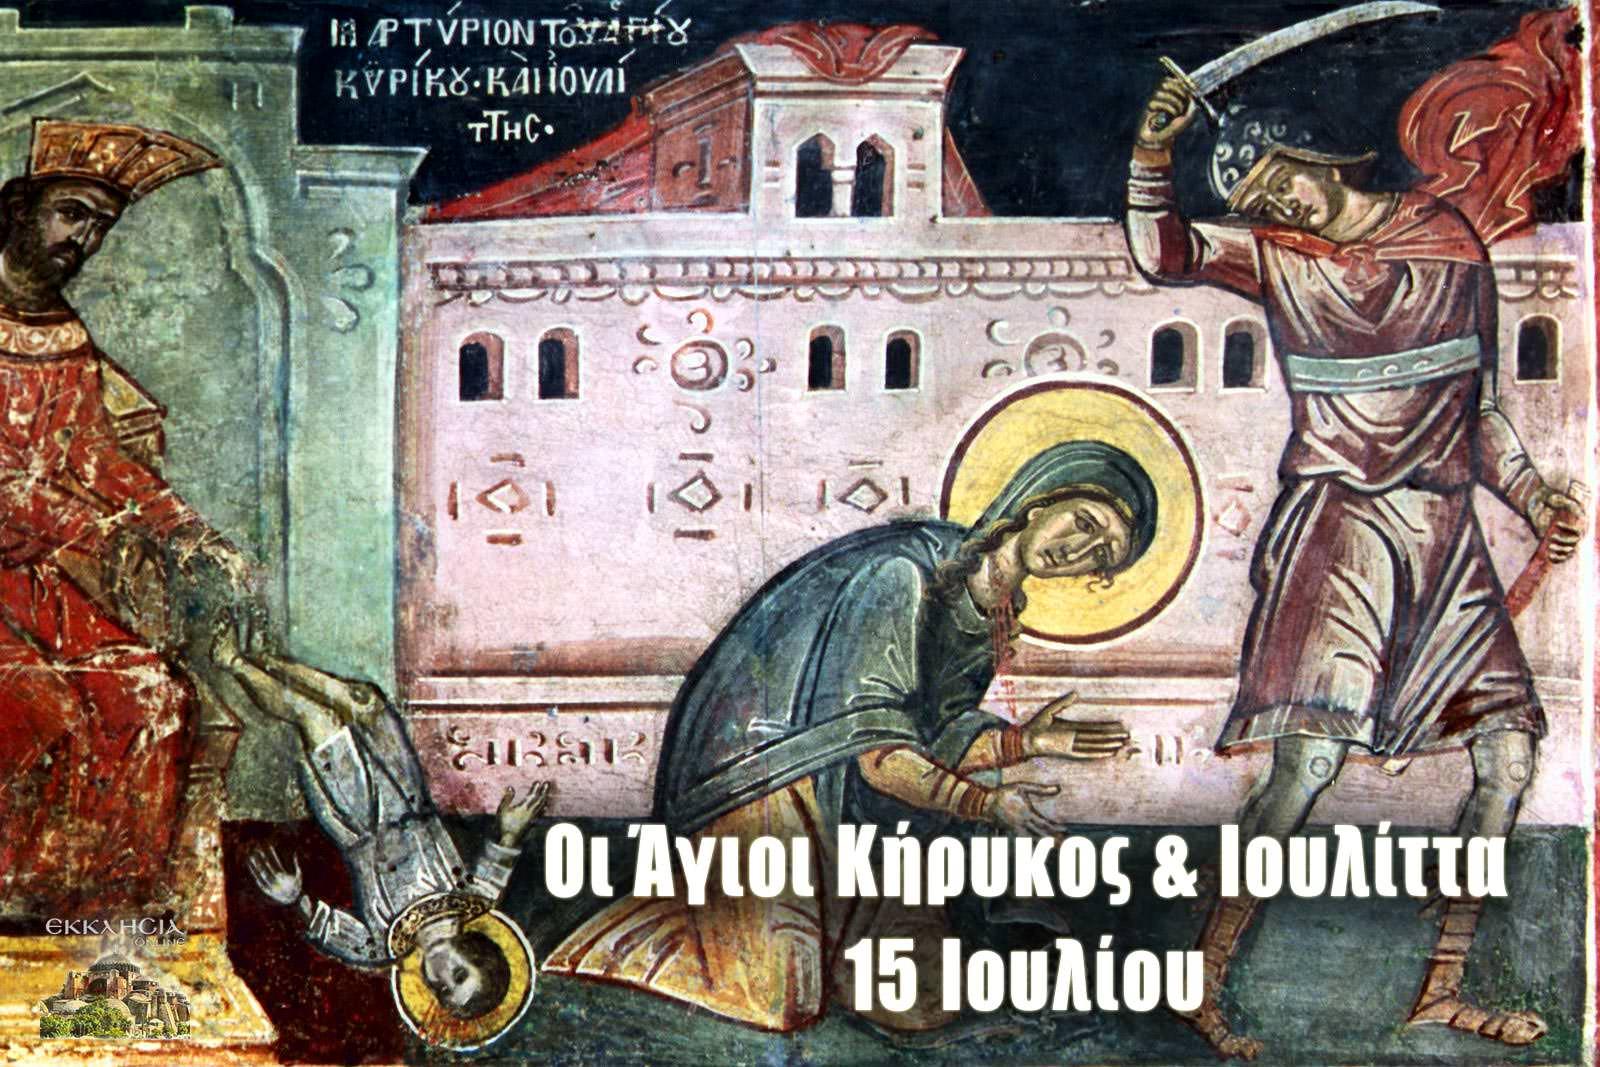 Άγιοι Κήρυκος και Ιουλίττα 15 Ιουλίου